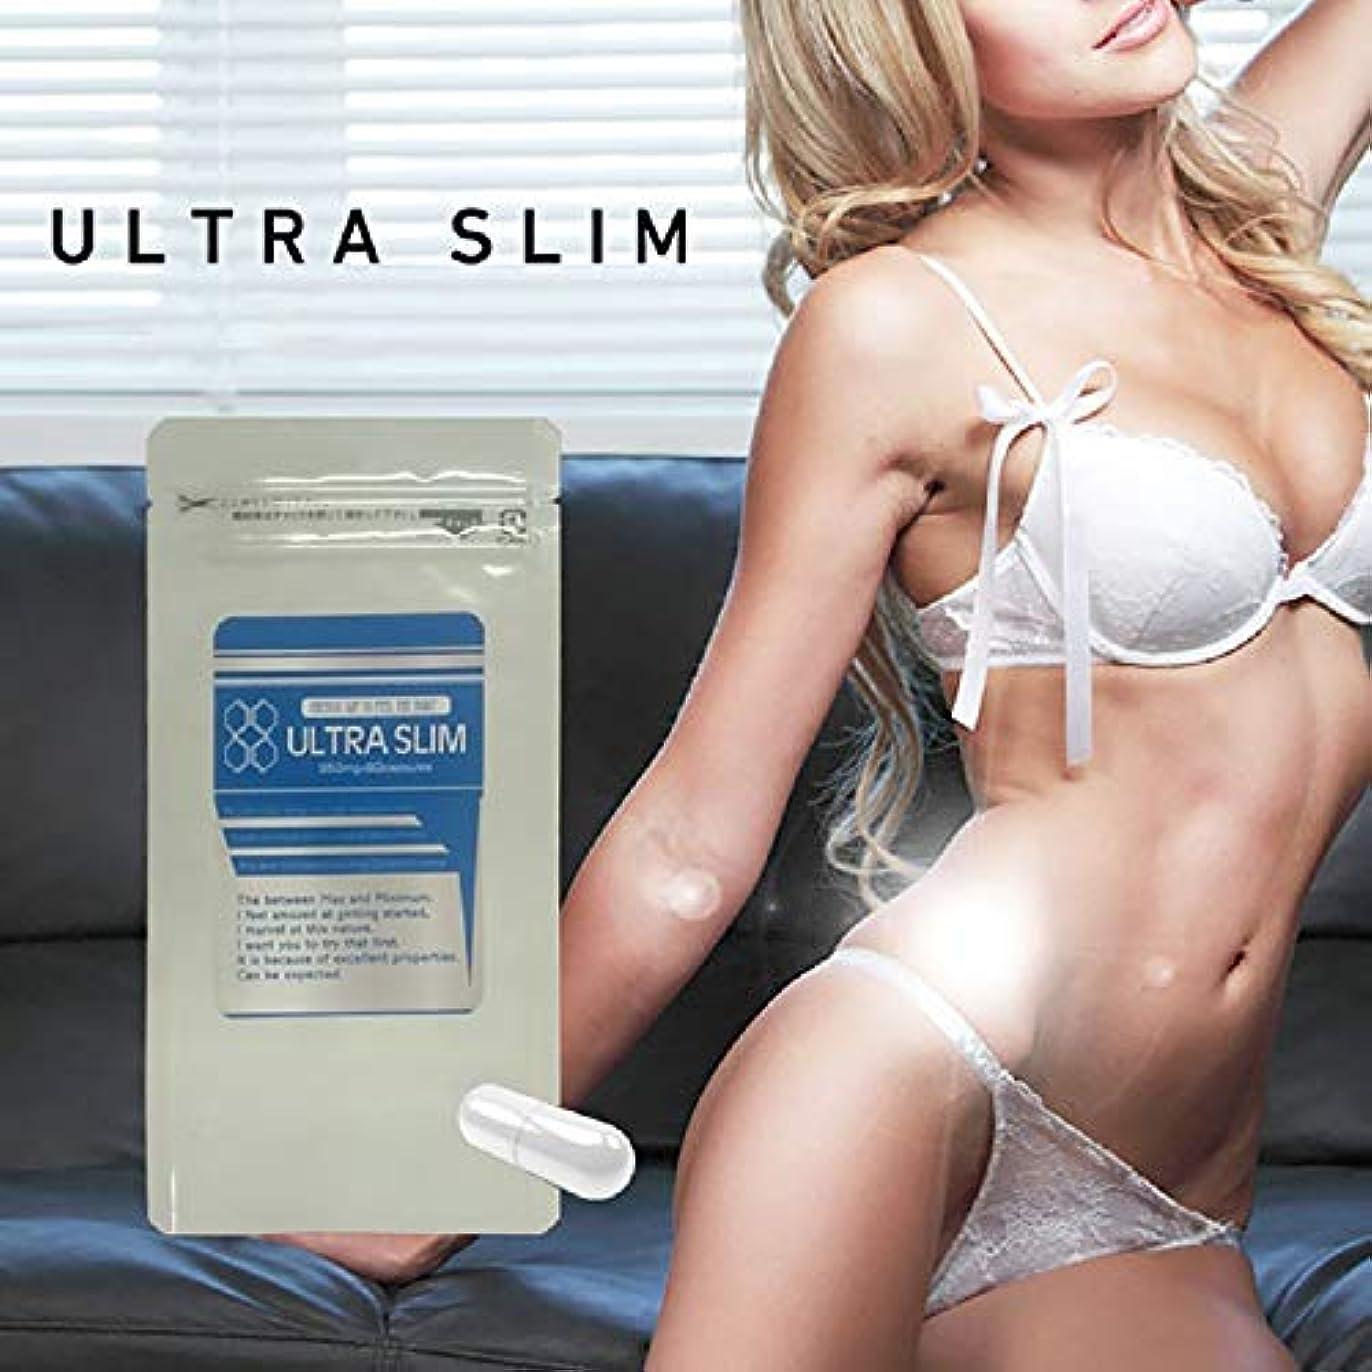 維持リーズ最少ウルトラスリム 1個プレゼント 3個セット+1個 合計4個 URTLA SLIM 送料無料 ダイエット サプリメント サプリ